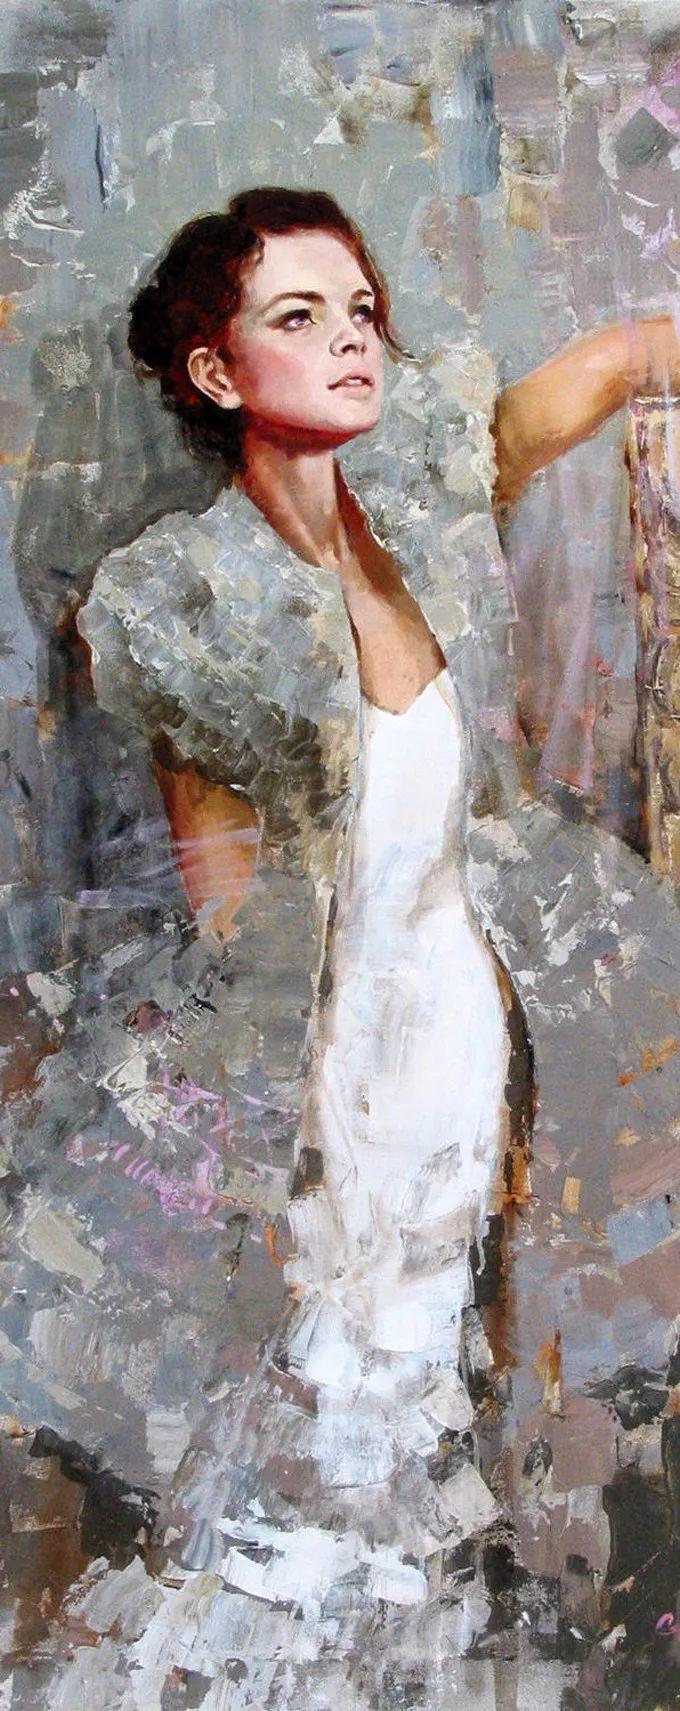 她的油画有一种惊艳脱俗的美,乌克兰天才女画家艾琳·谢里插图38